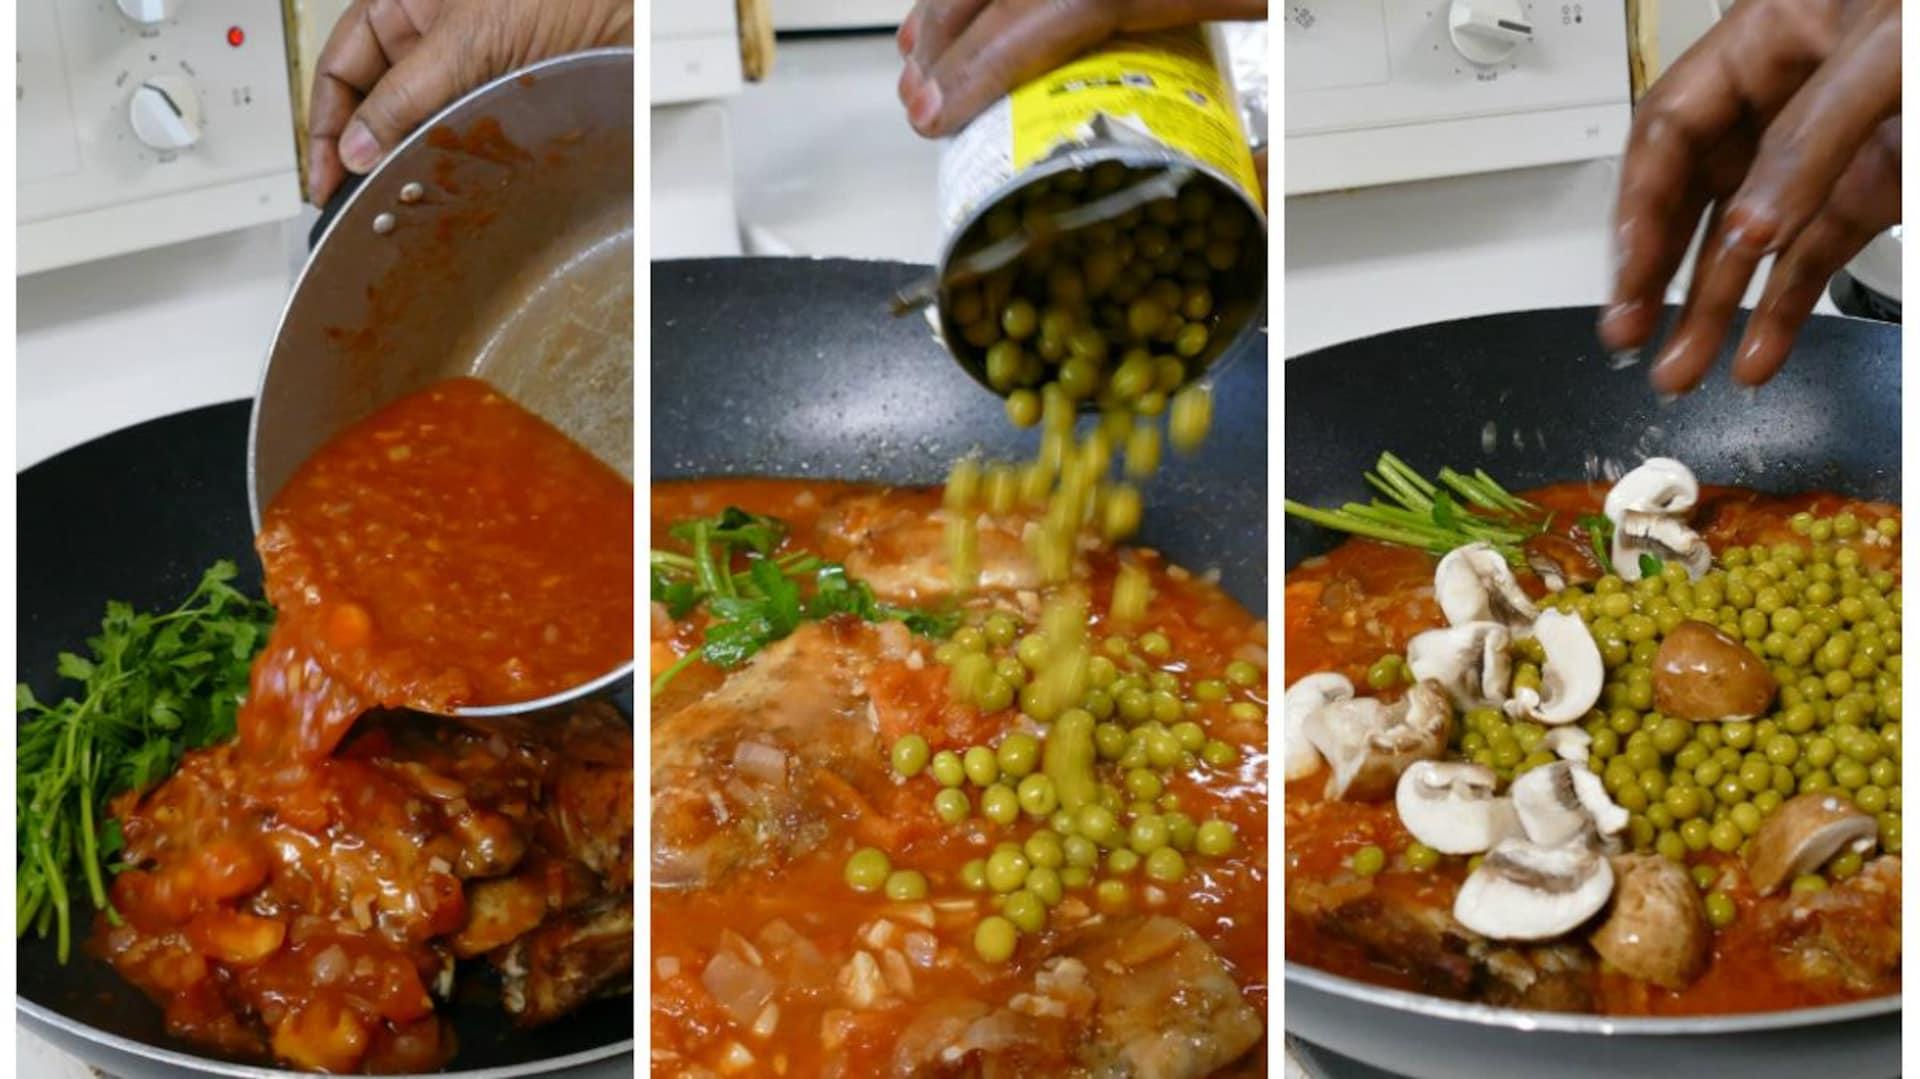 On ajoute la sauce tomate et les oignons au poulet. On verse les pois verts et les champignons dans la sauce.